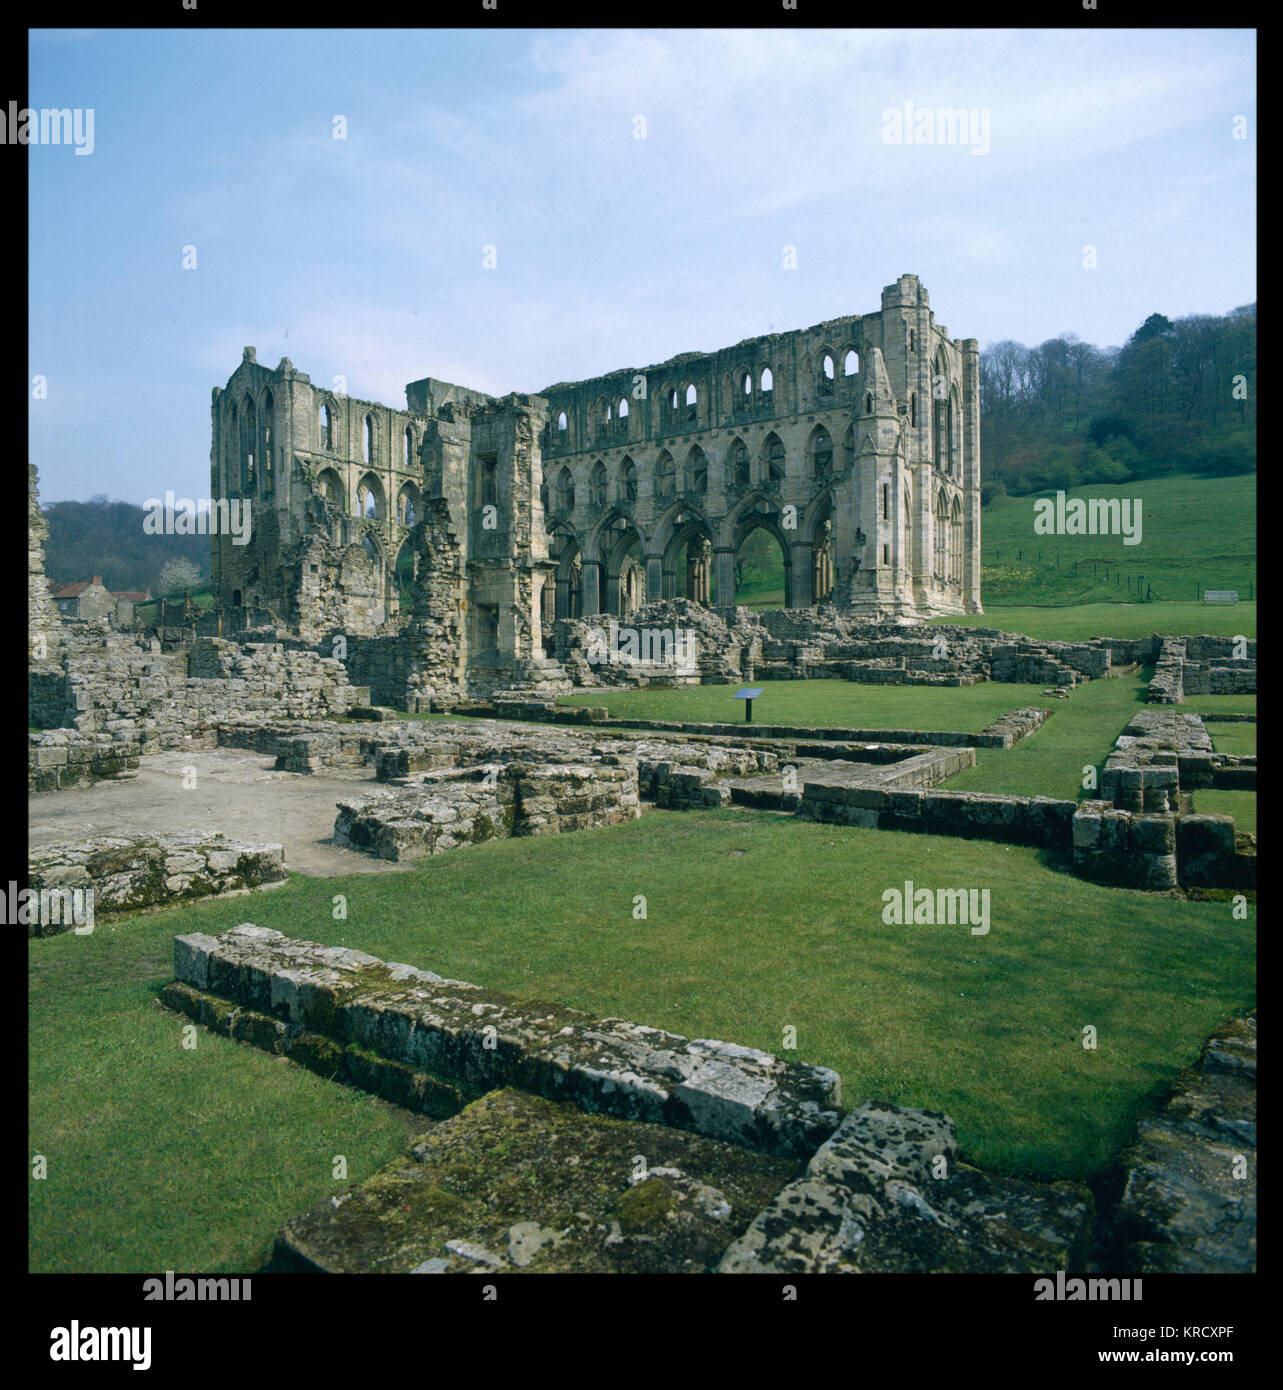 Le maestose rovine di Rievaulx Abbey, North Yorkshire, Inghilterra. Costruito nel XIII secolo, è rinomata per Immagini Stock